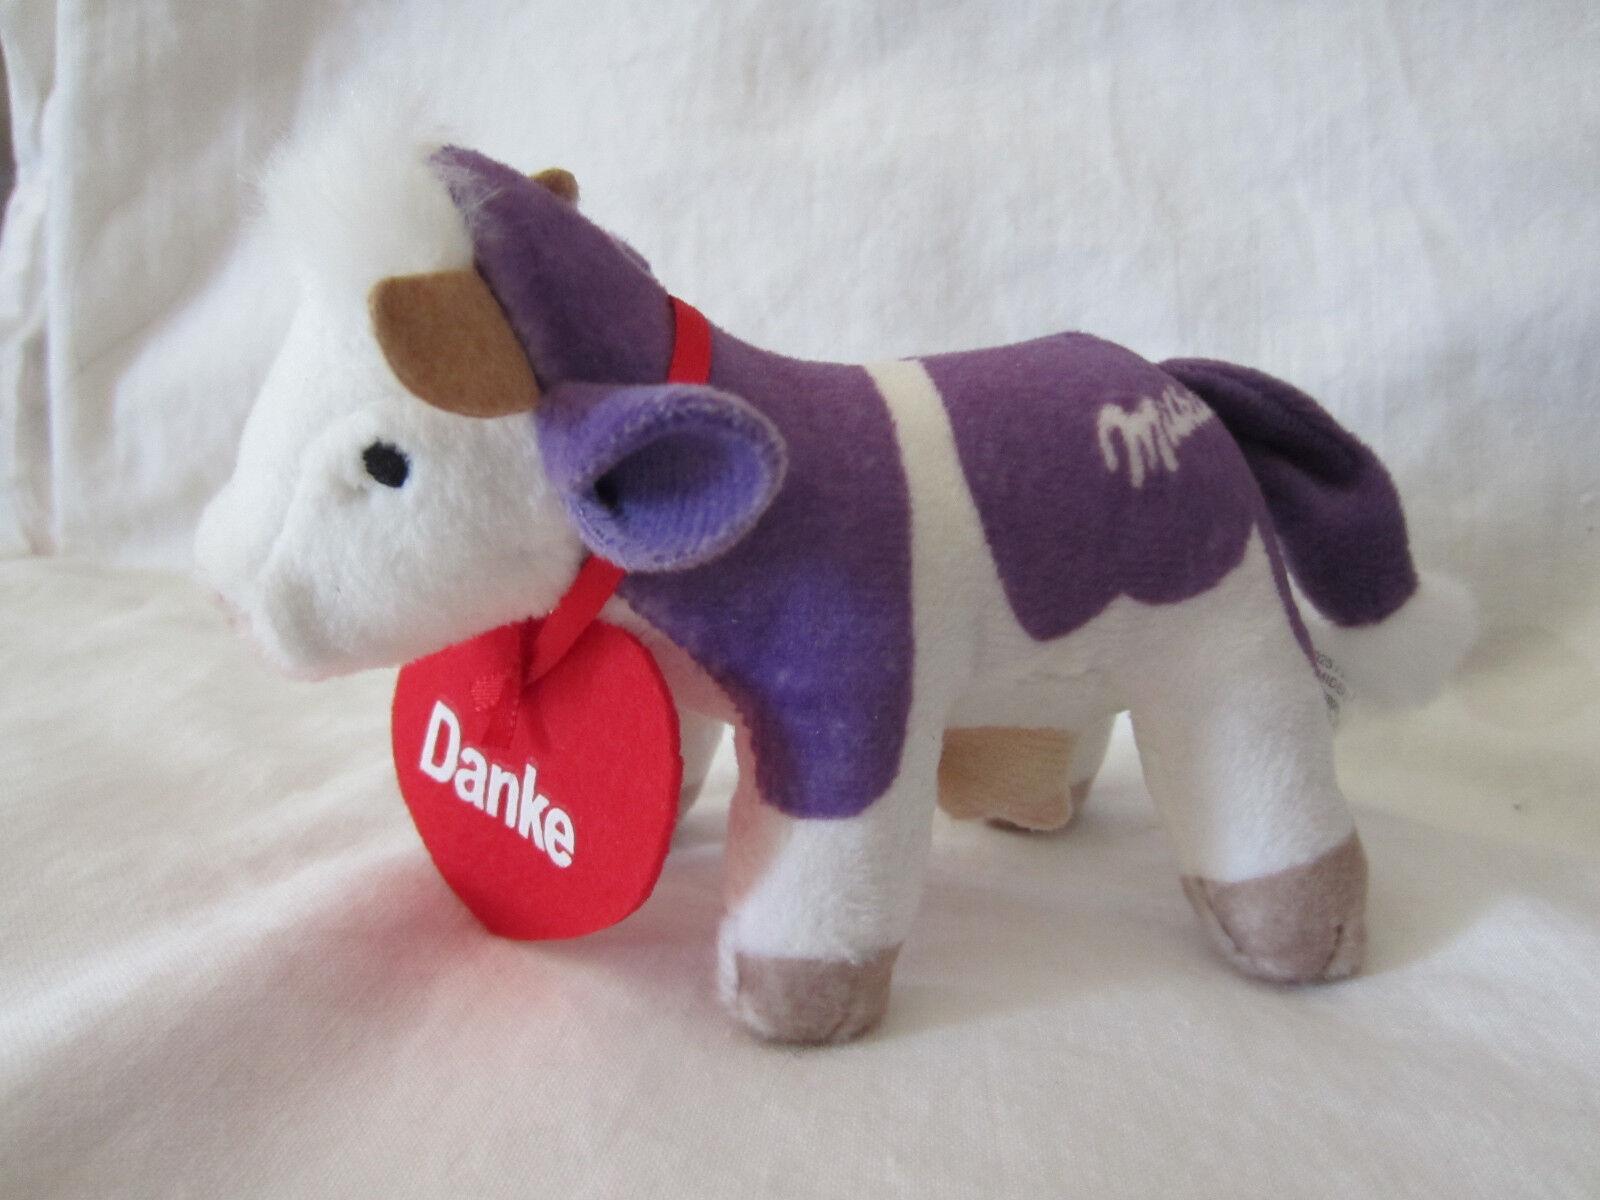 ♥ Milka Schokolade Kuh mit Herz Danke plüsch 13x8 cm ♥